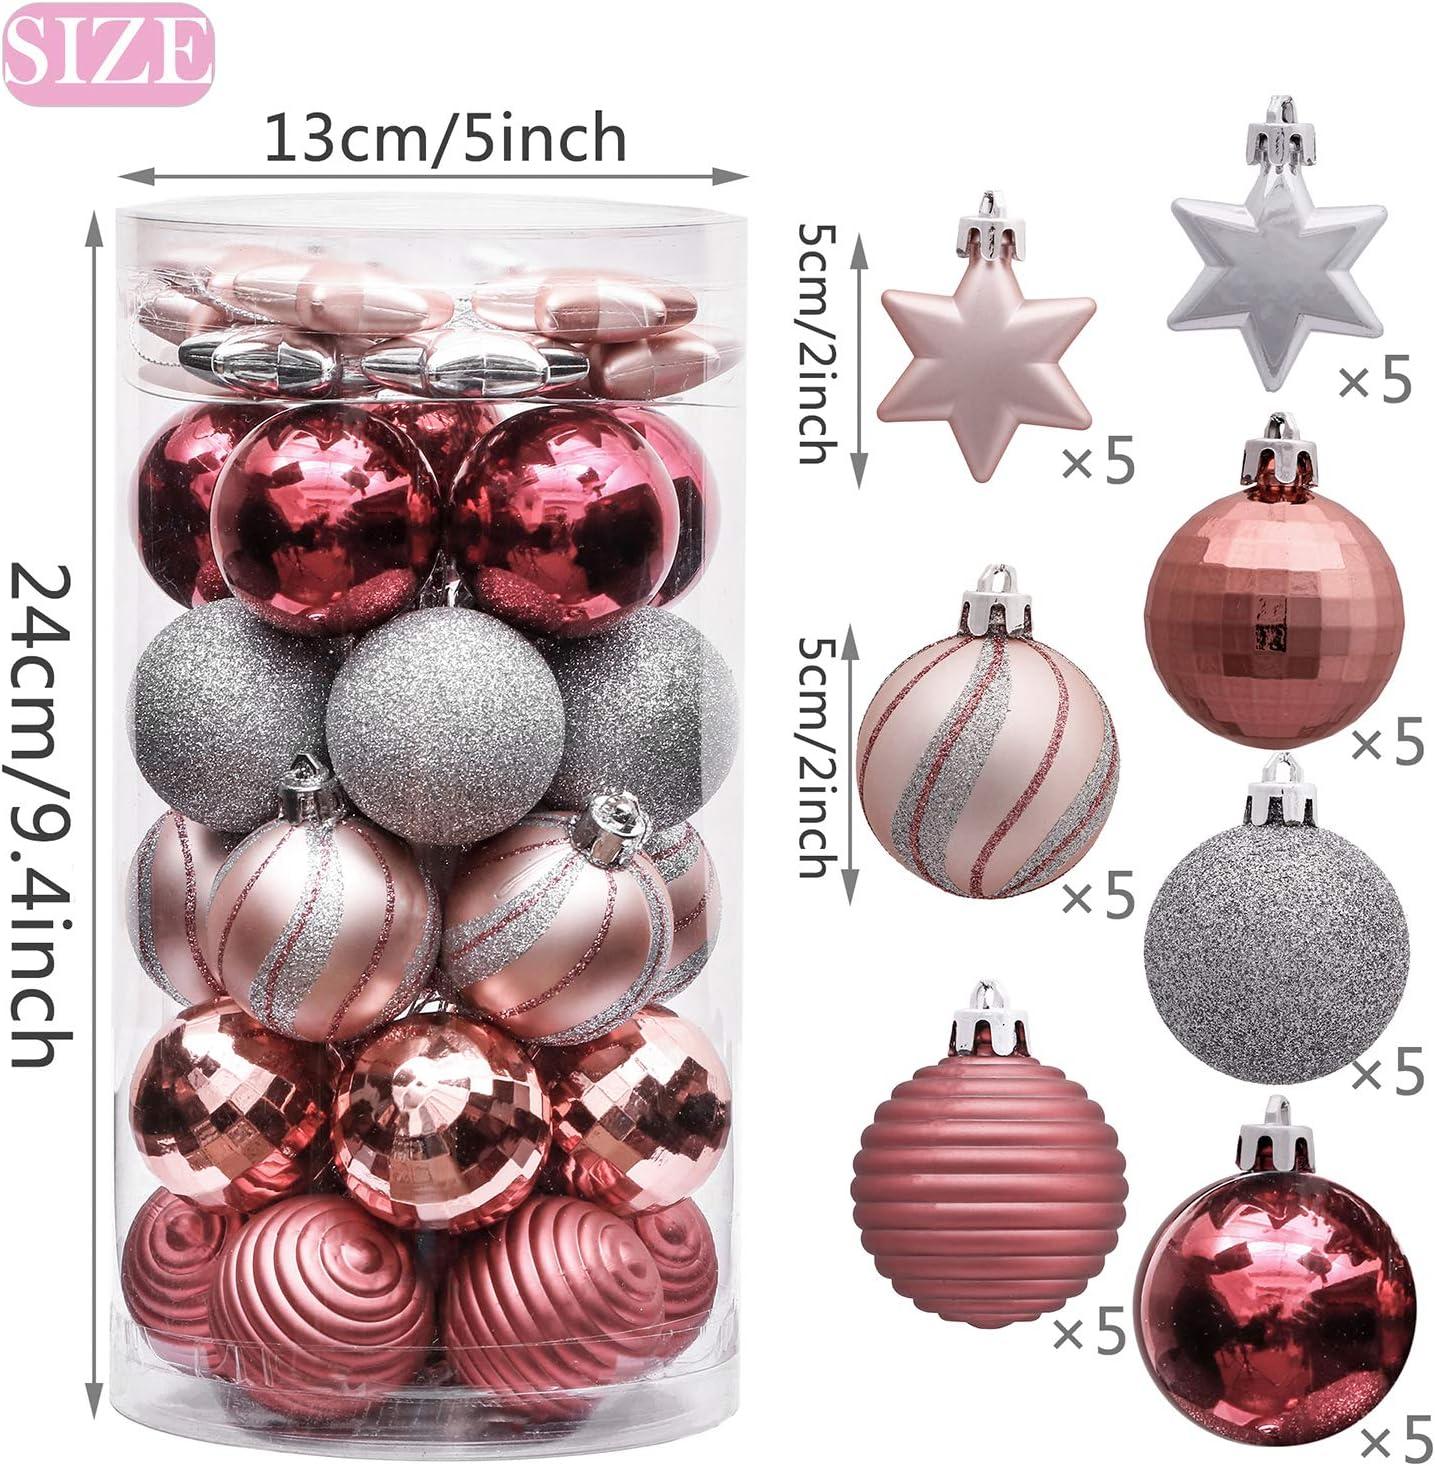 Victors Workshop 35Pcs Bolas de Navidad de 5cm, Adornos de Navidad para Arbol, Decoración de Bolas Navideños Inastillable Plástico de Rosa y Púrpura, Regalos de Colgantes de Navidad (Garapiñado): Amazon.es: Hogar